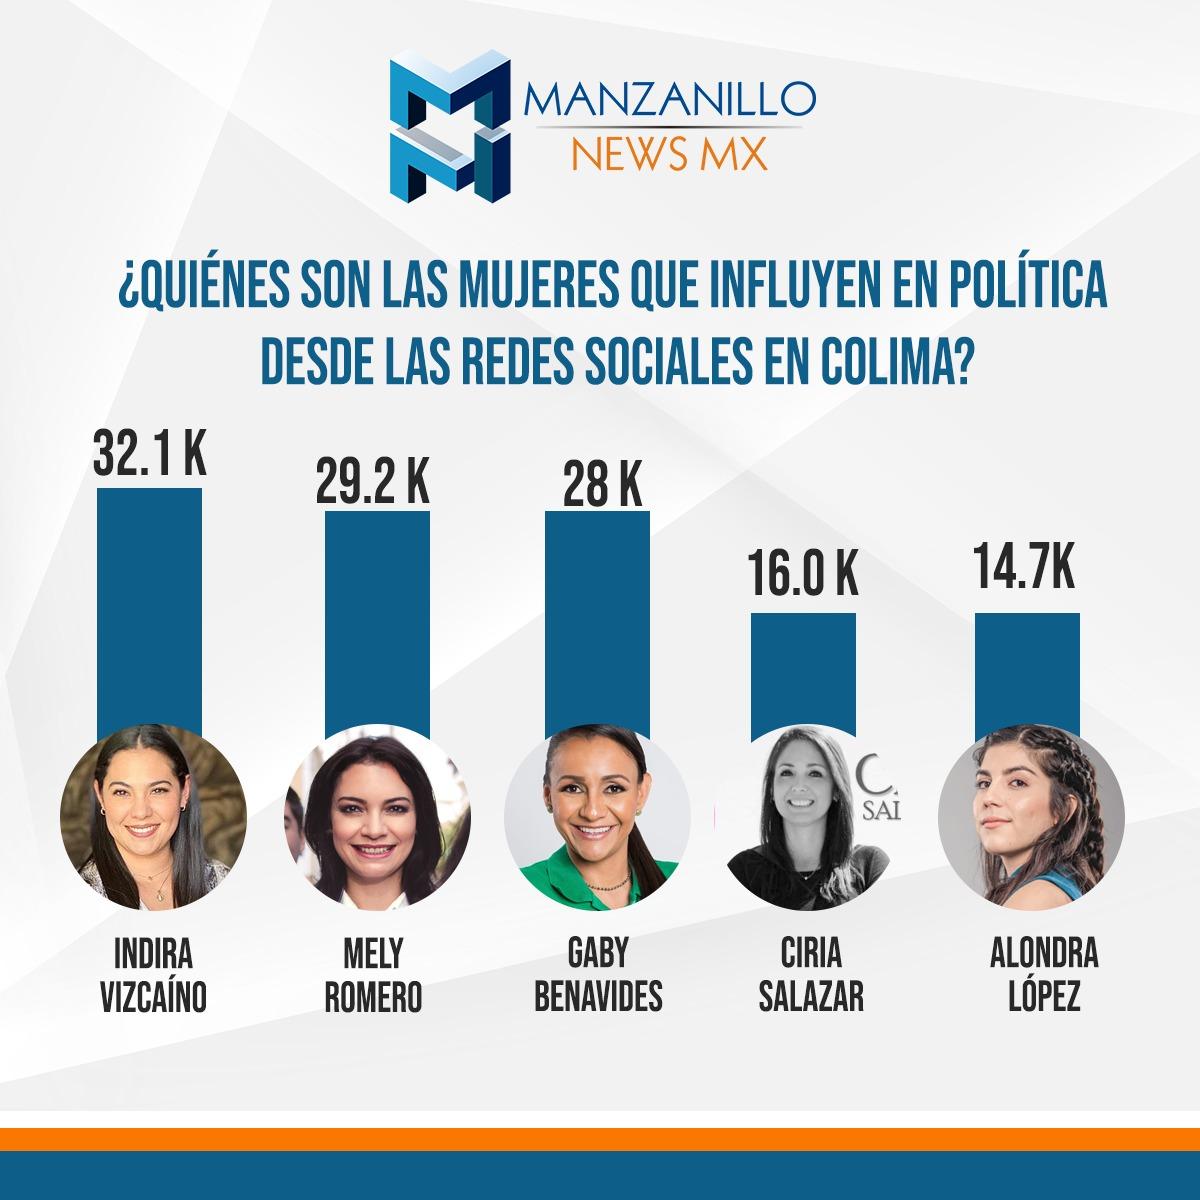 ¿Quiénes son las mujeres que influyen en política desde las redes sociales en Colima?